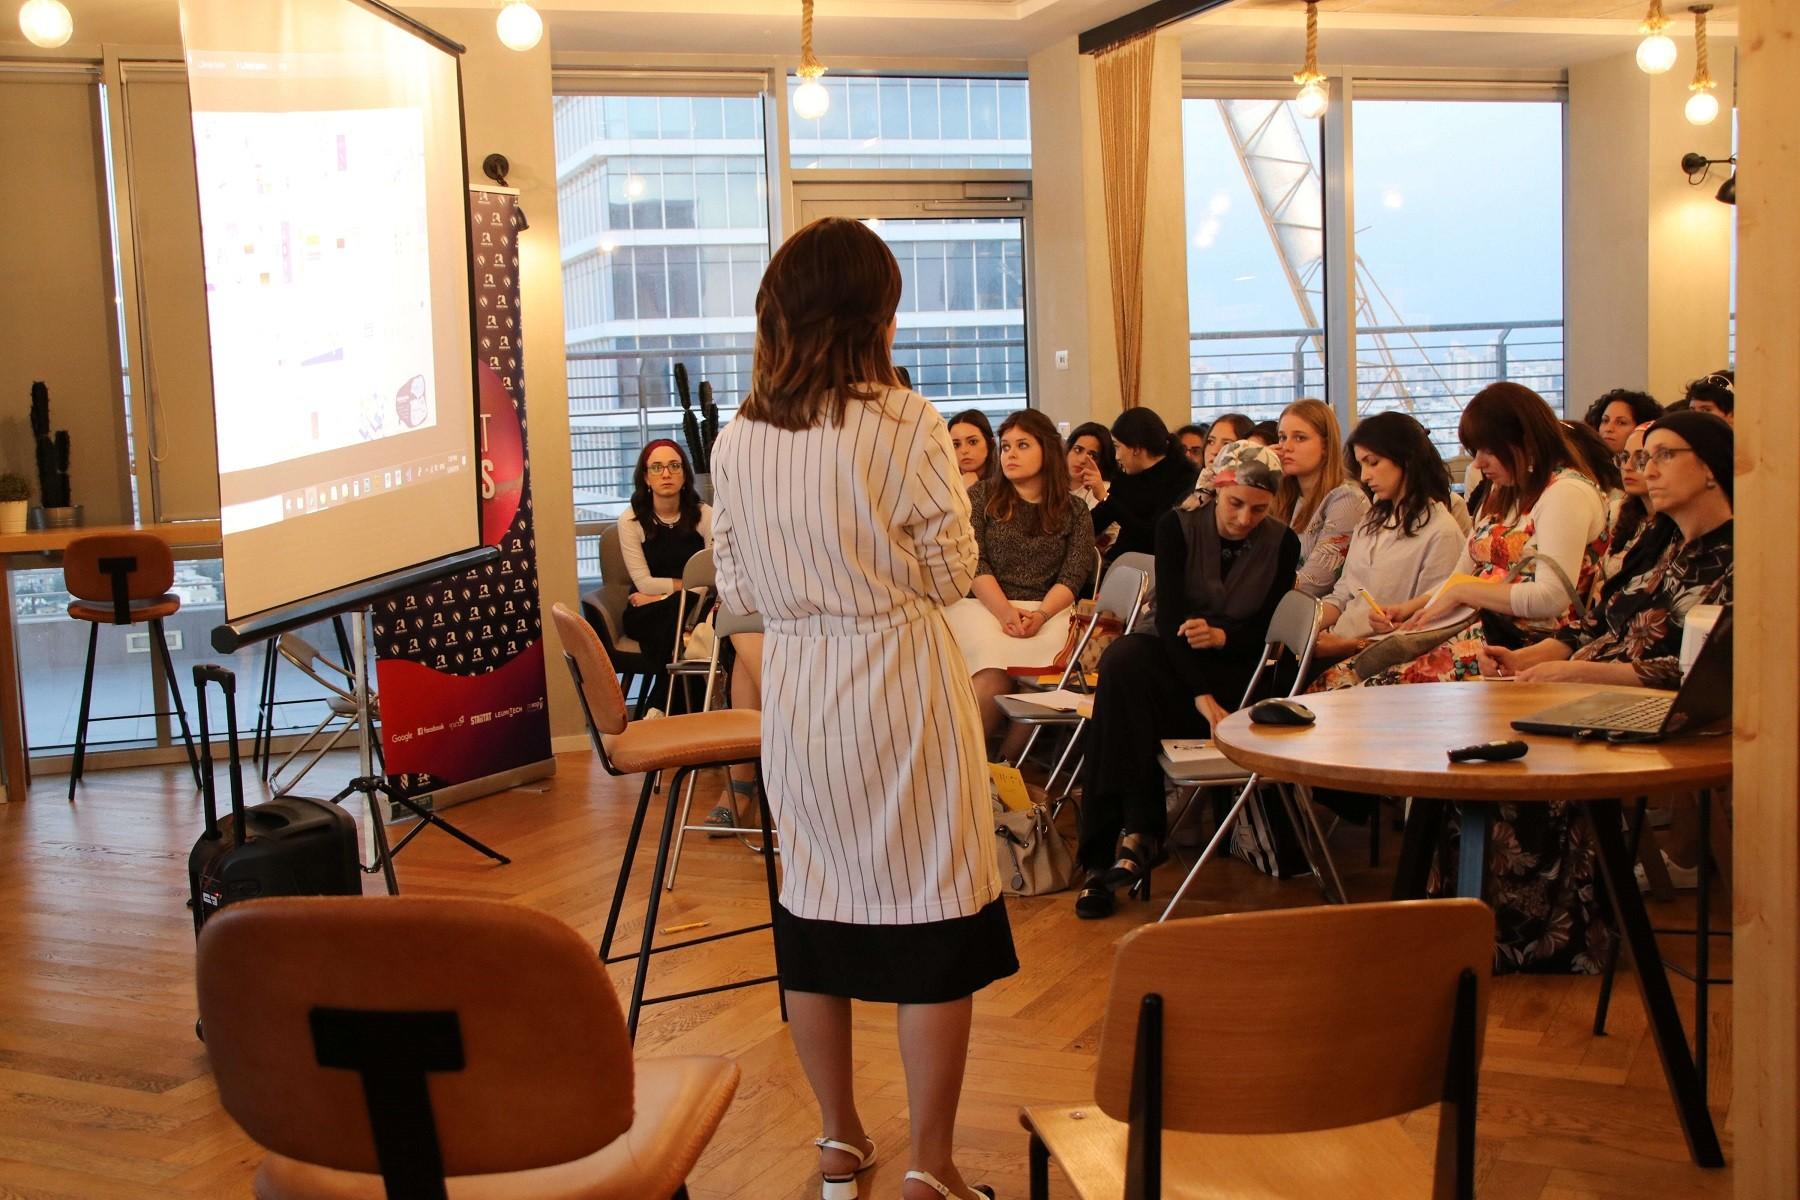 כשחדשנות וטכנולוגיה נפגשו עם עיצוב וחווית משתמש: סיקור אירוע UIX מבית 'סיעור מוחות' 2